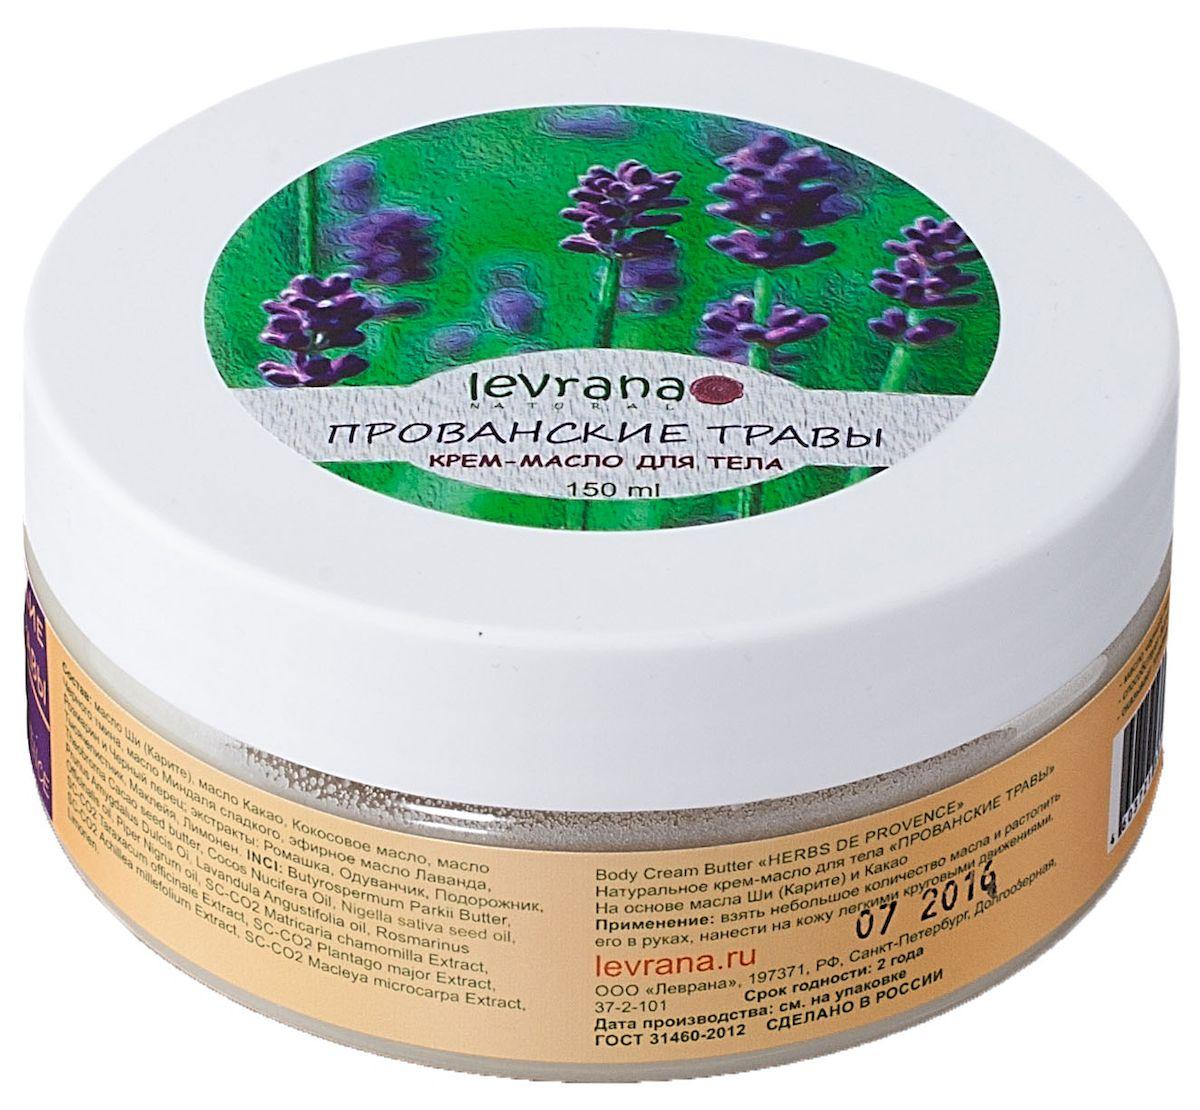 Levrana Крем-масло Прованские травы, 150 мл8562257Используйте крем-масло для всего тела сразу после банных процедур, оно приятно смягчает и увлажняет кожу, а также насыщает ее витаминами.